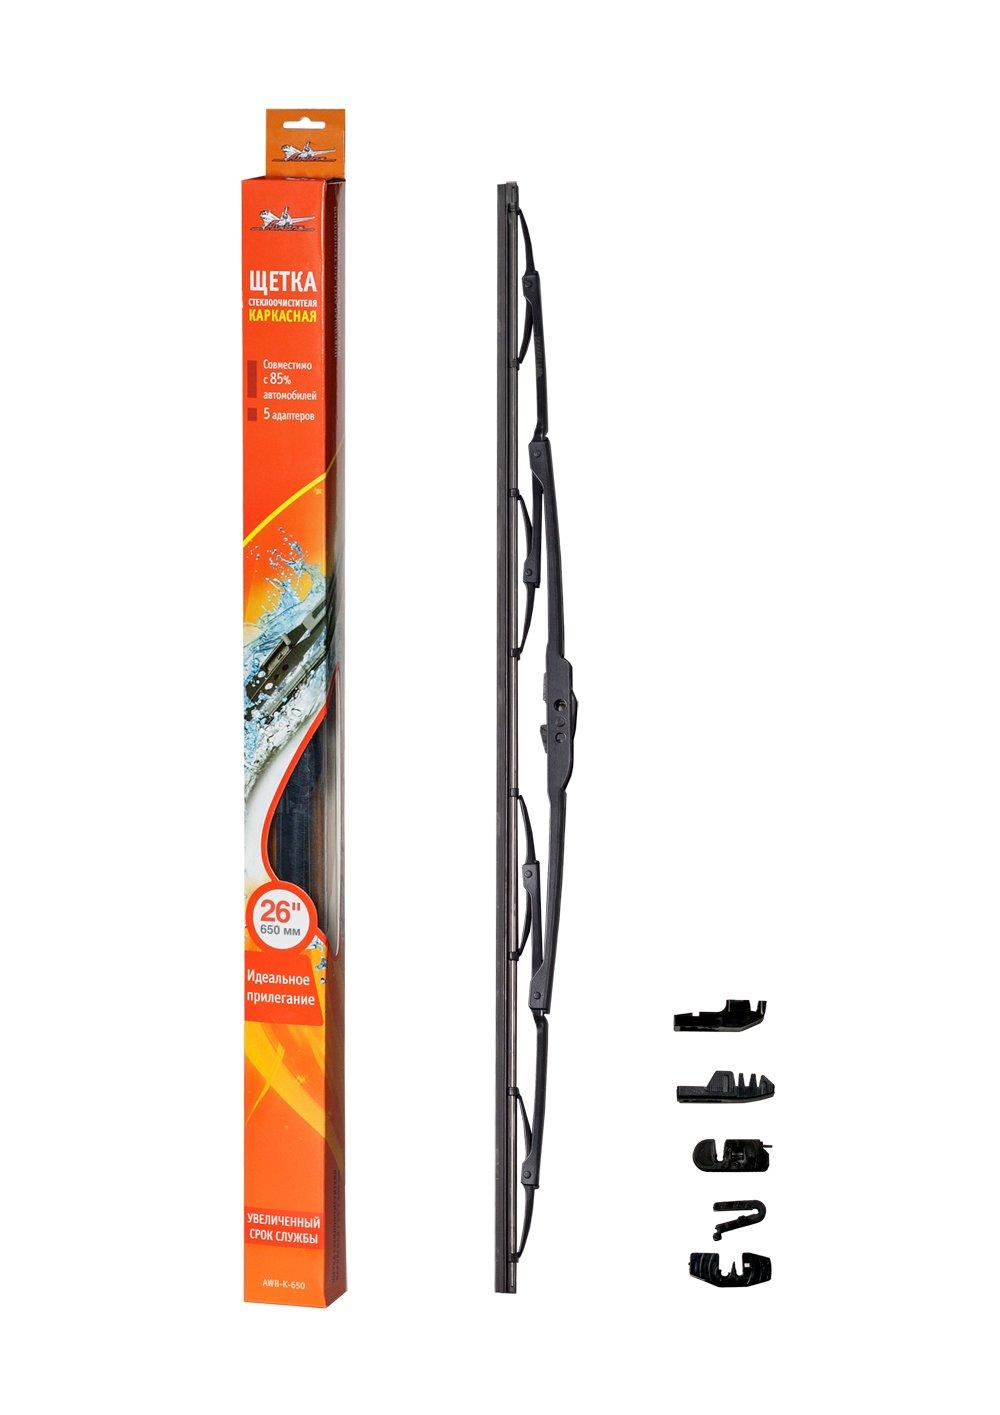 Щетка стеклоочистителя каркасная 650 мм (26 ) AWB-K-650